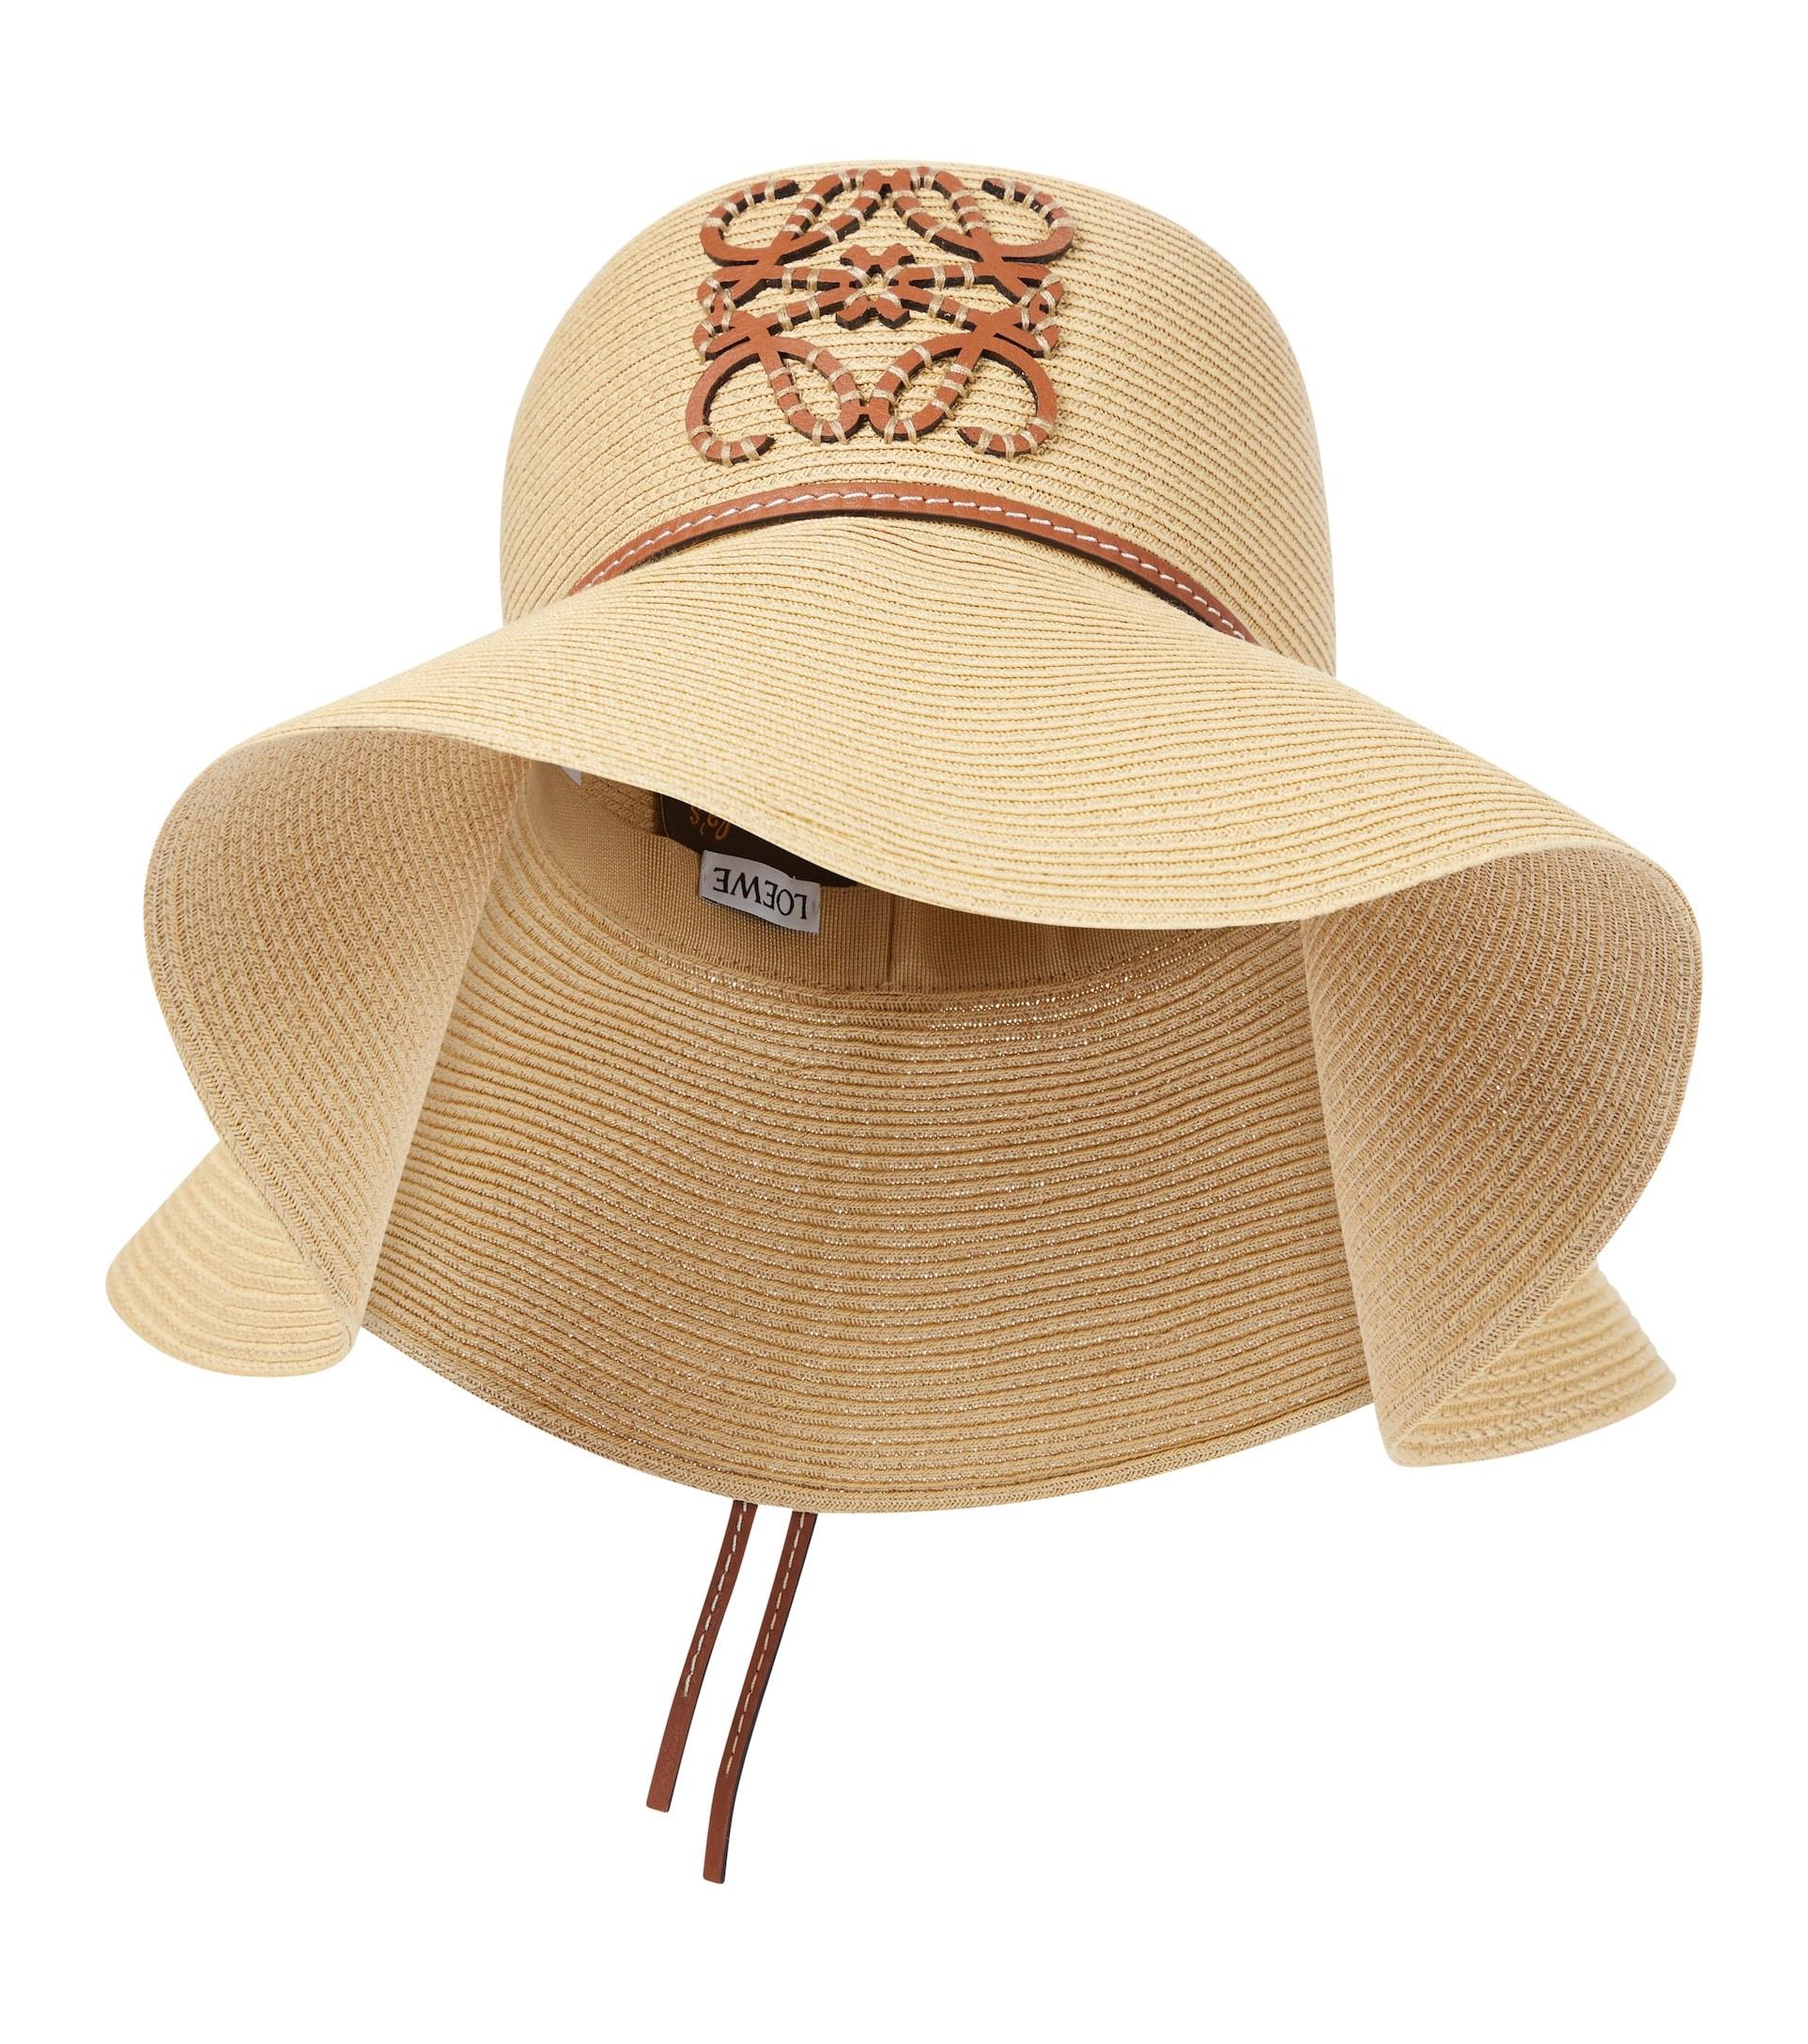 Sombrero, de Loewe.